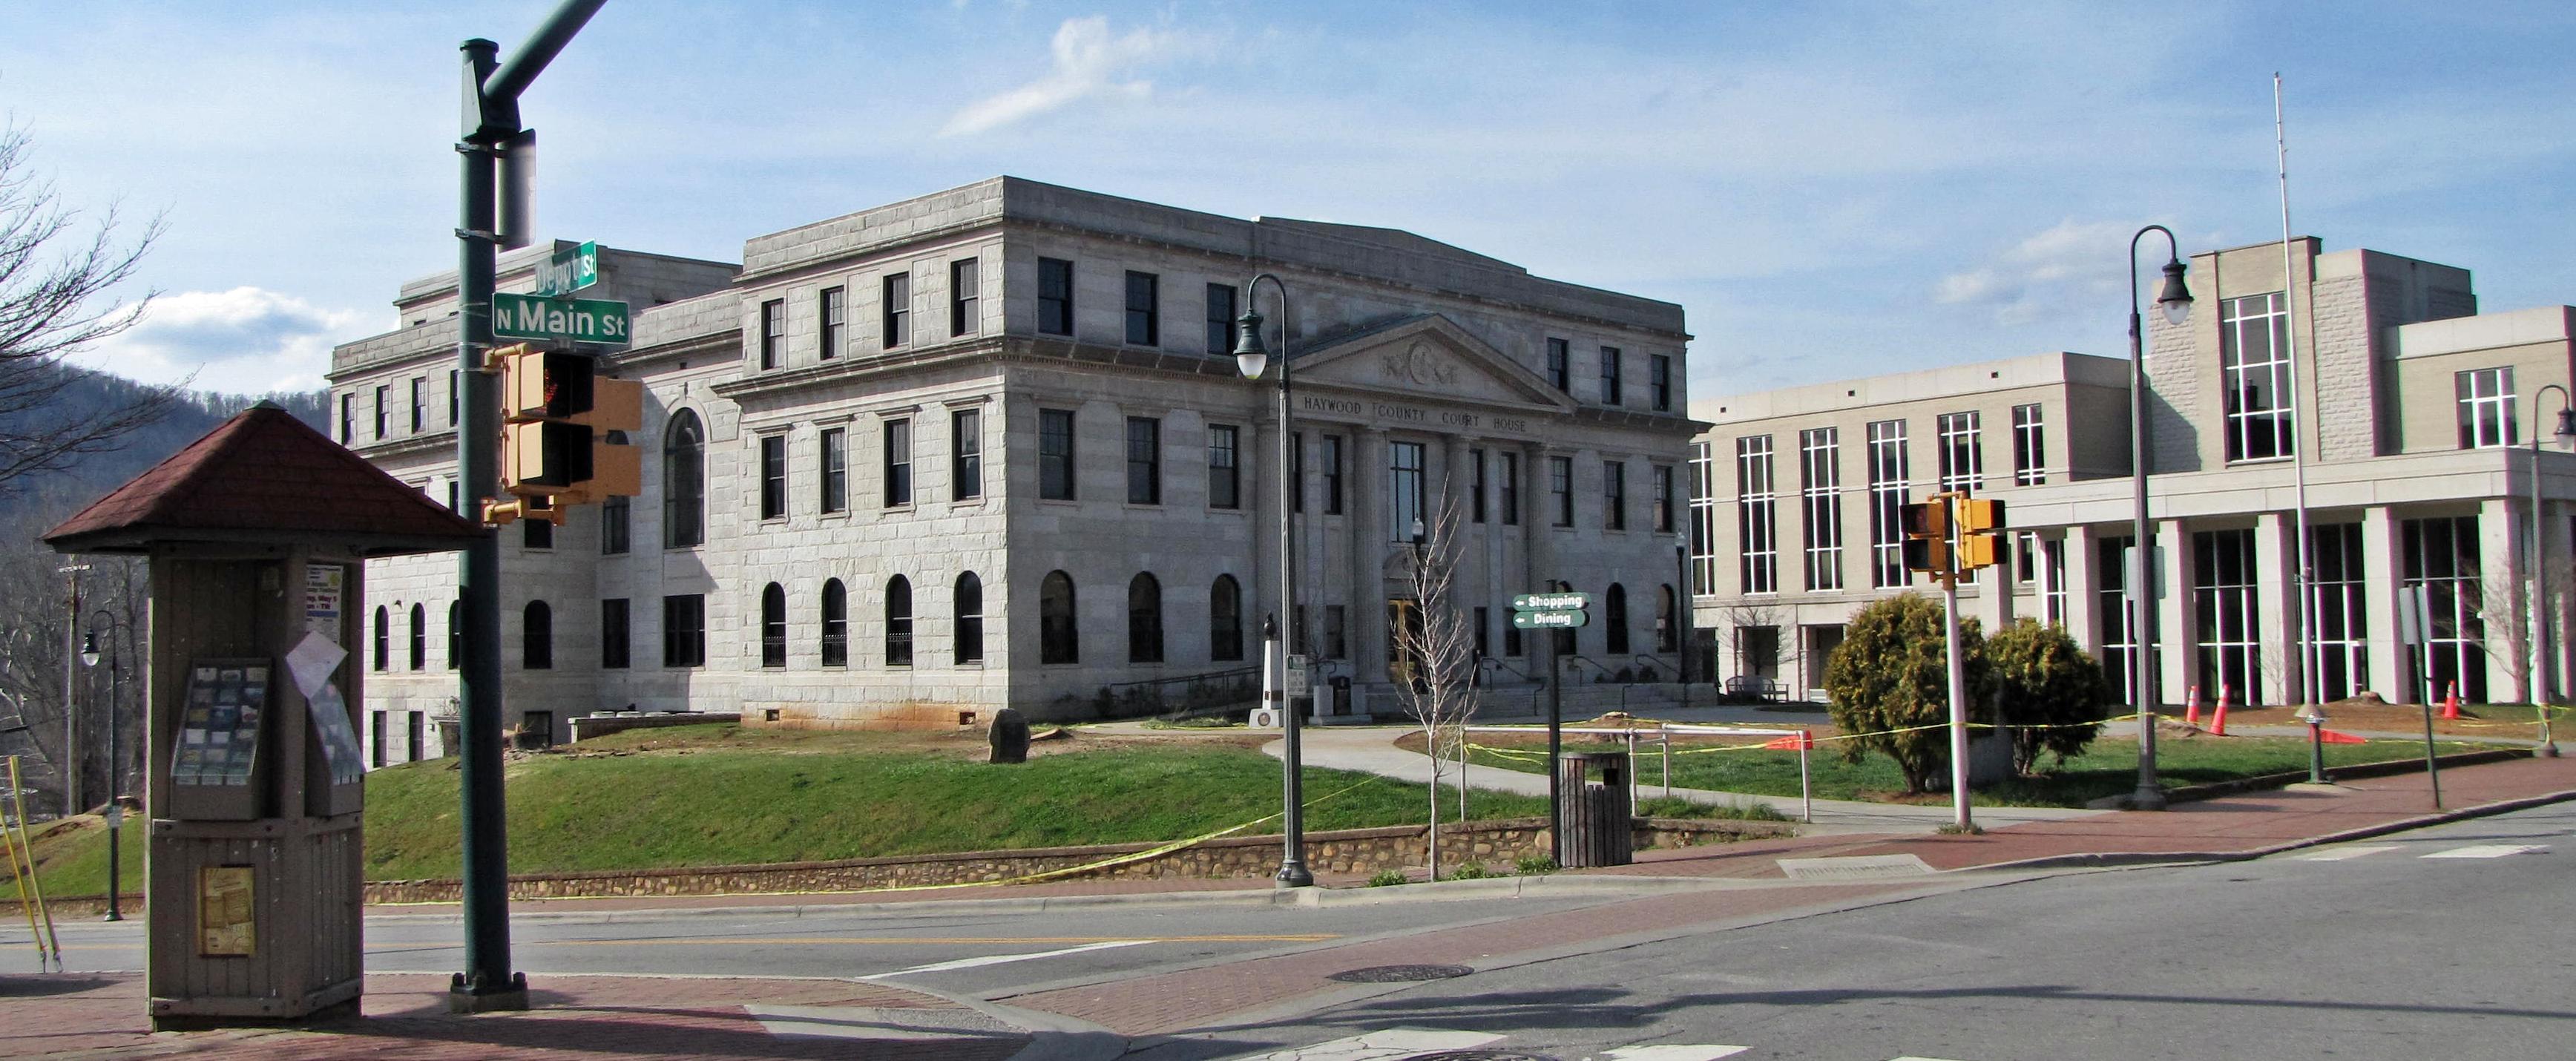 Haywood county courthouse waynesville north carolina jpg